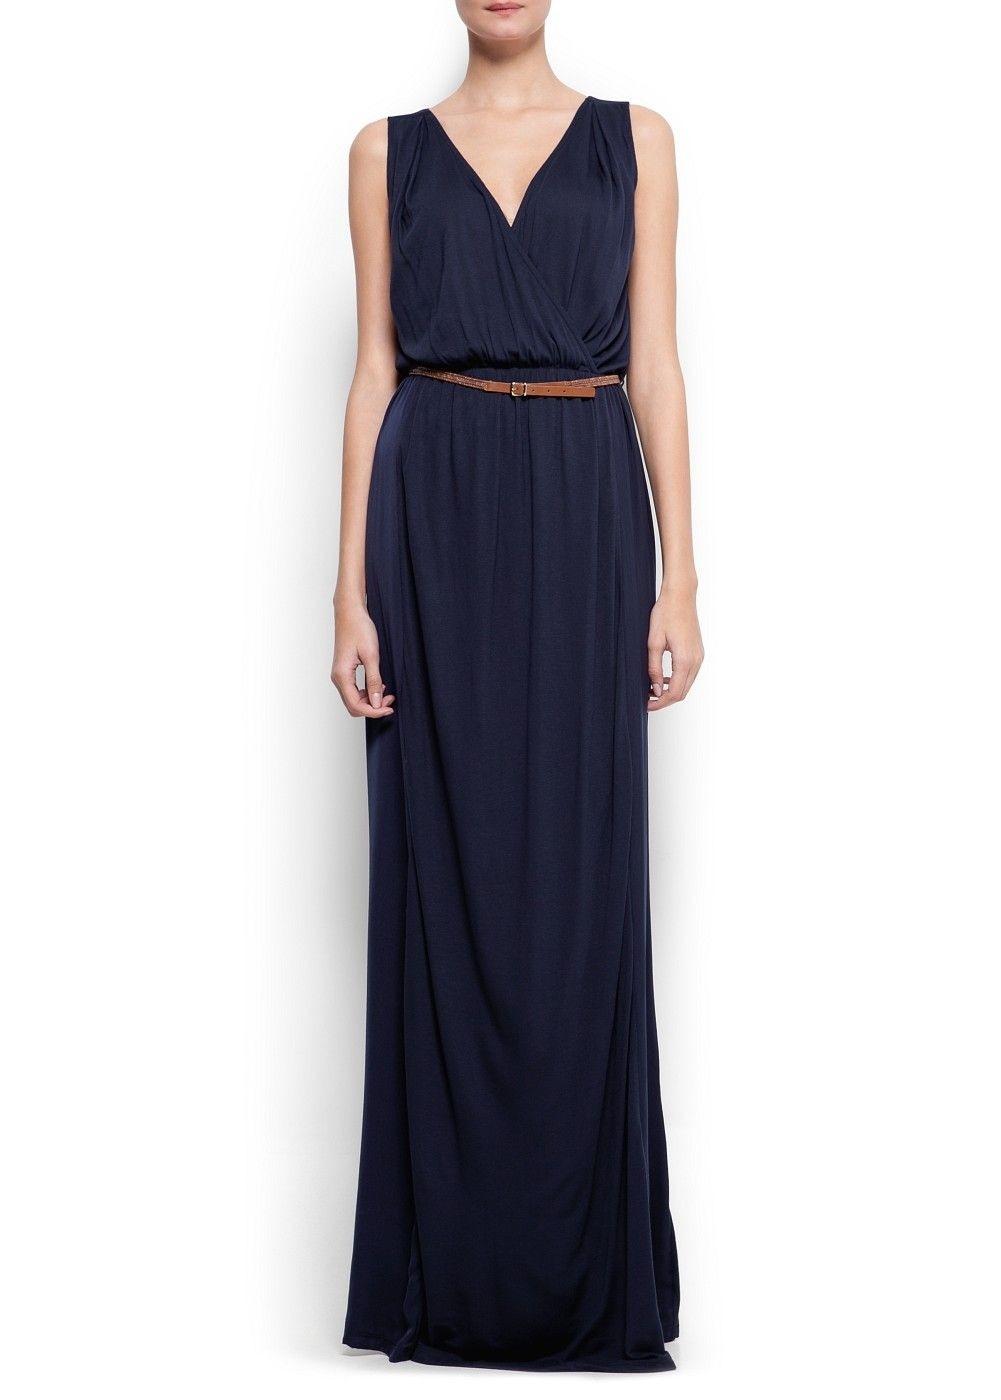 17 Luxus Winterkleid Elegant BoutiqueDesigner Erstaunlich Winterkleid Elegant Galerie